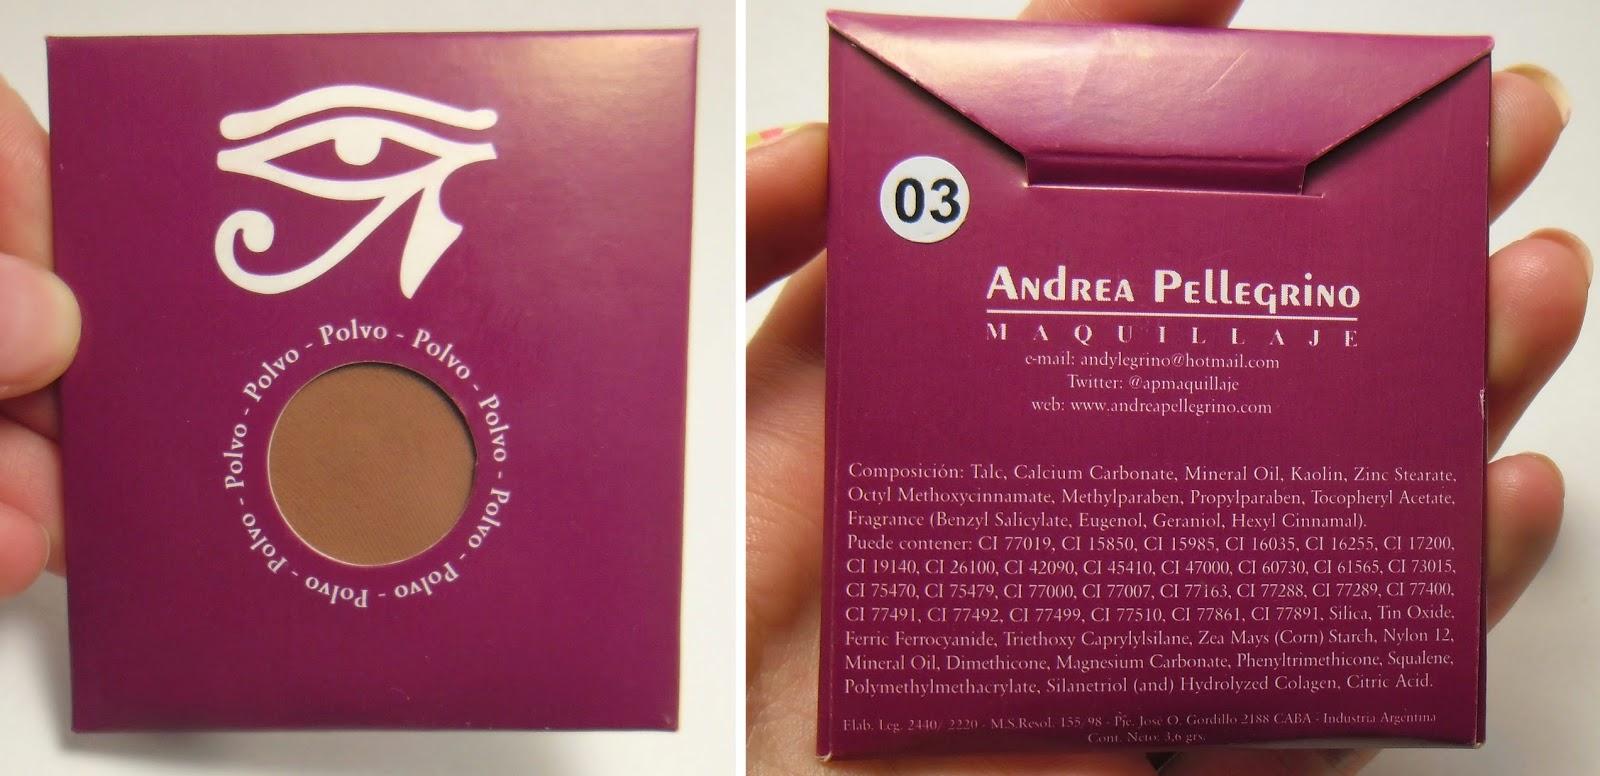 Polvo compacto Andrea Pellegrino